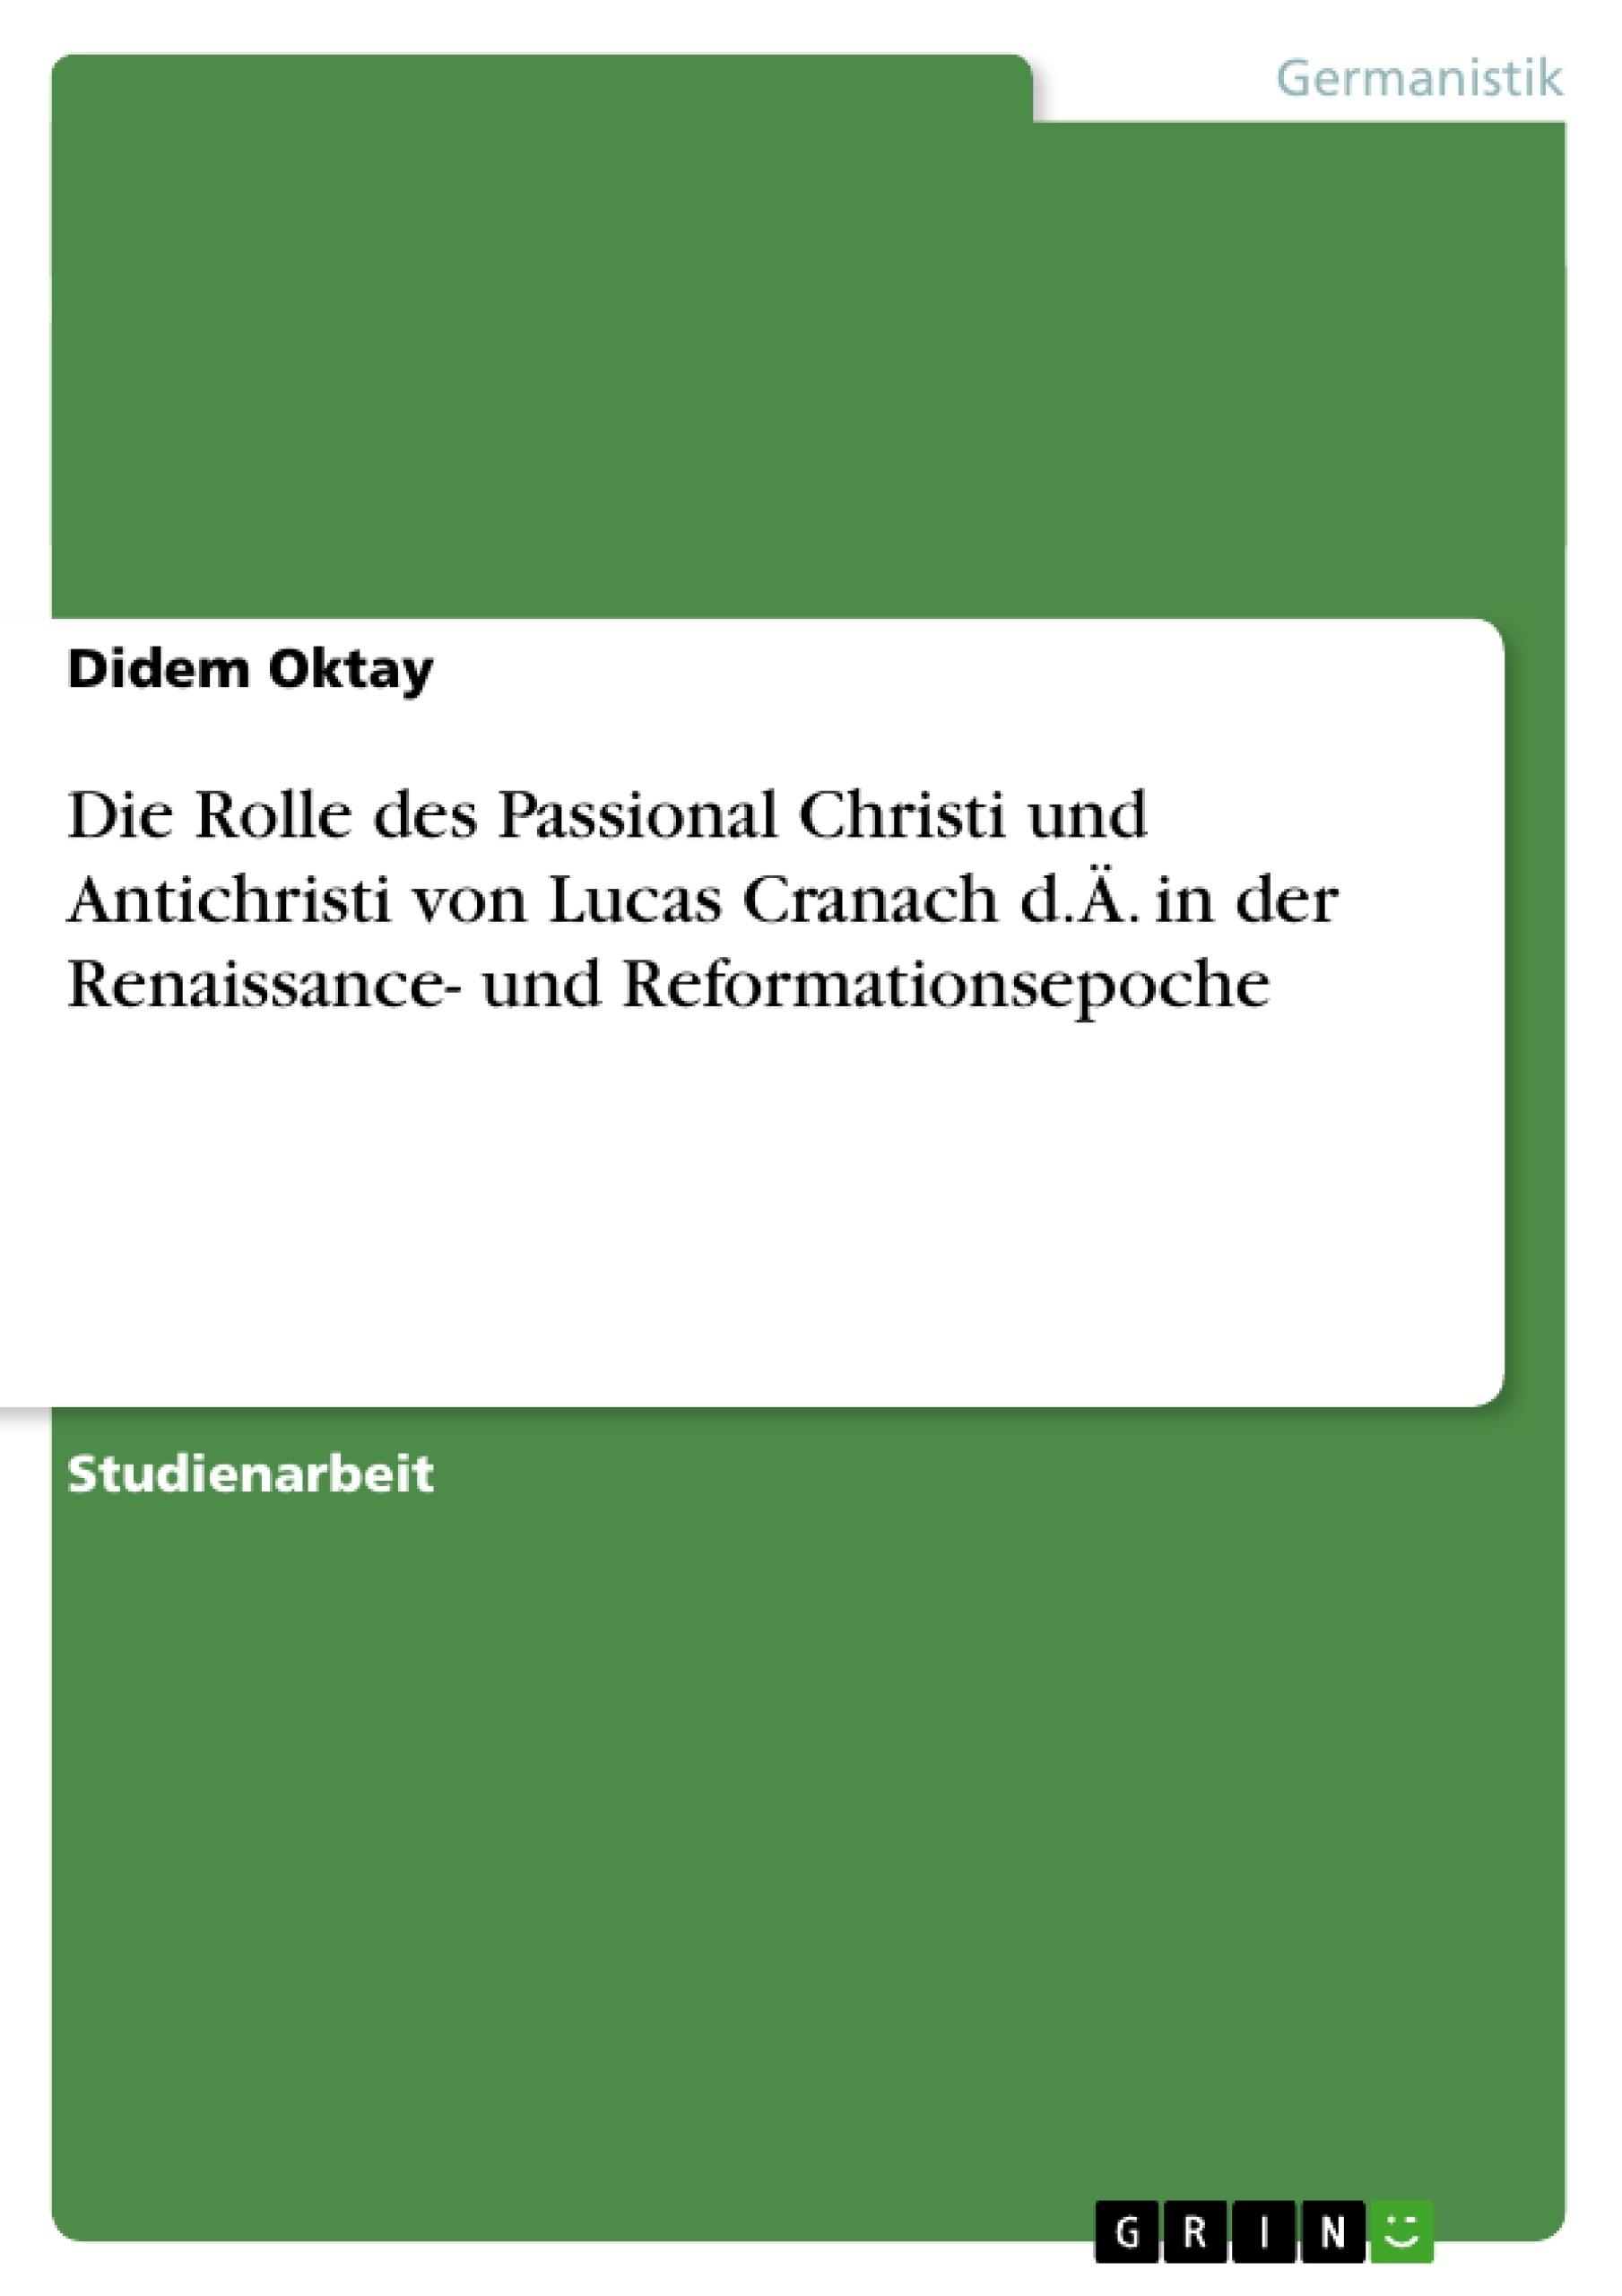 Titel: Die Rolle des Passional Christi und Antichristi von Lucas Cranach d.Ä. in der Renaissance- und Reformationsepoche